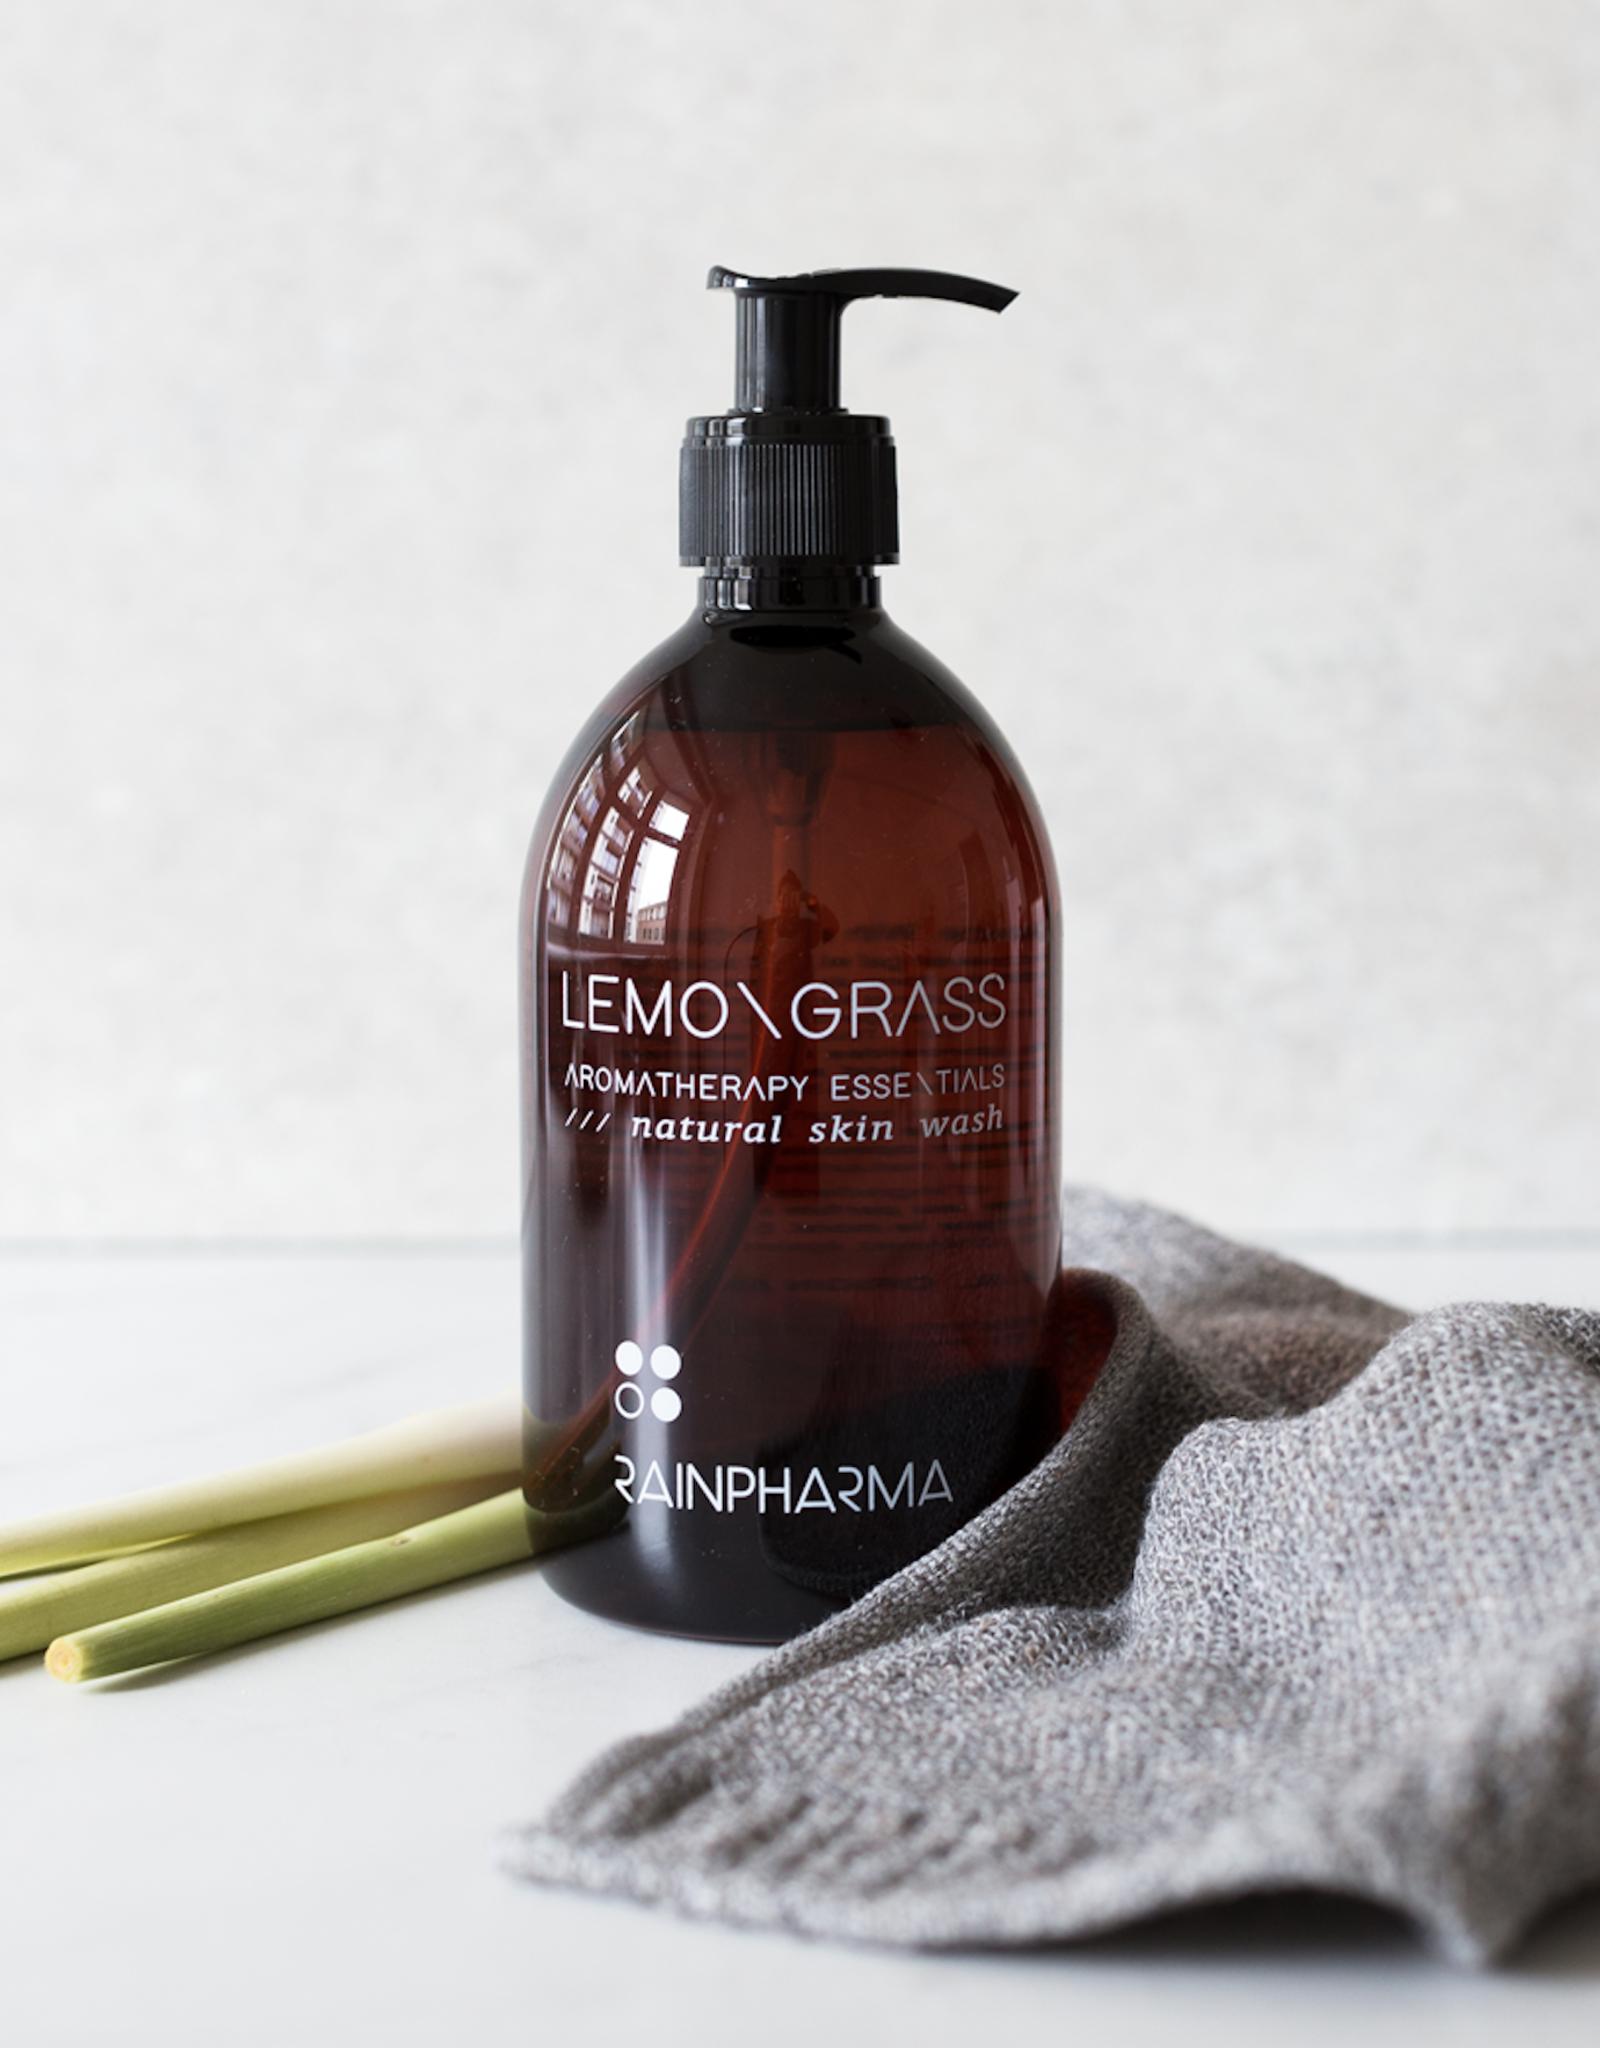 RainPharma Rainpharma - Skin Wash Lemongrass 500ml